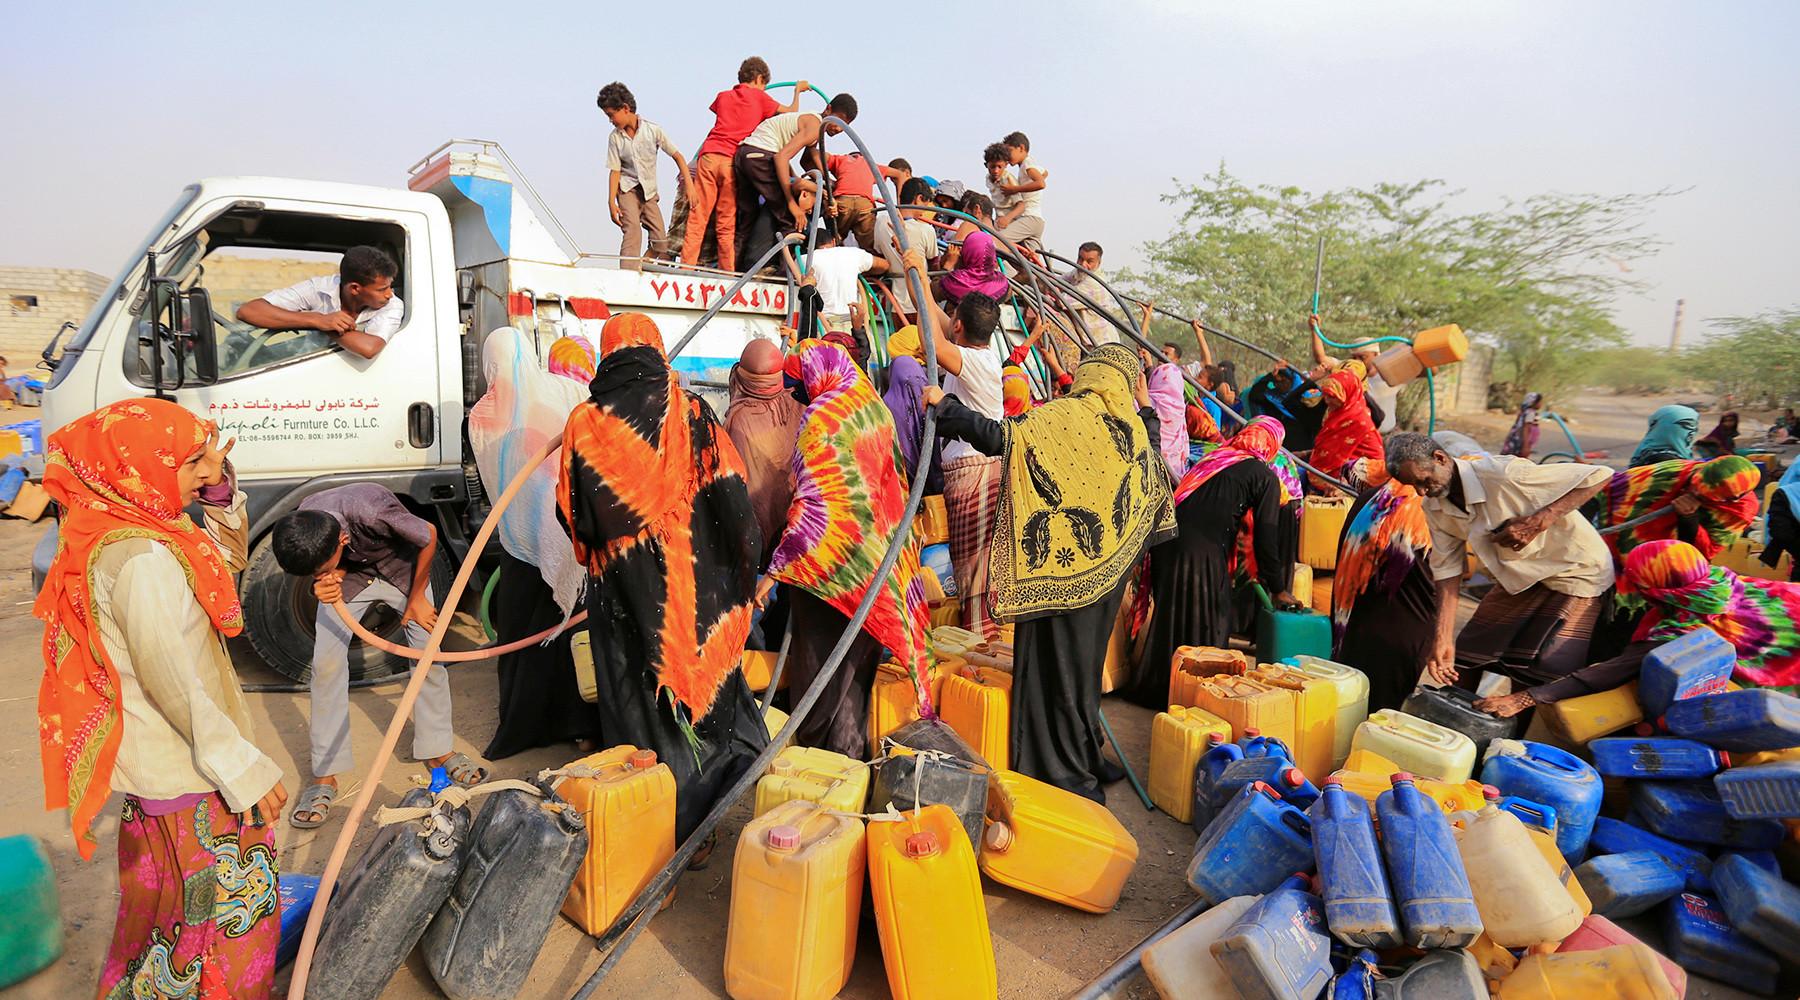 Спросите разрешения: Конгресс США требует вывода американских войск из Йемена